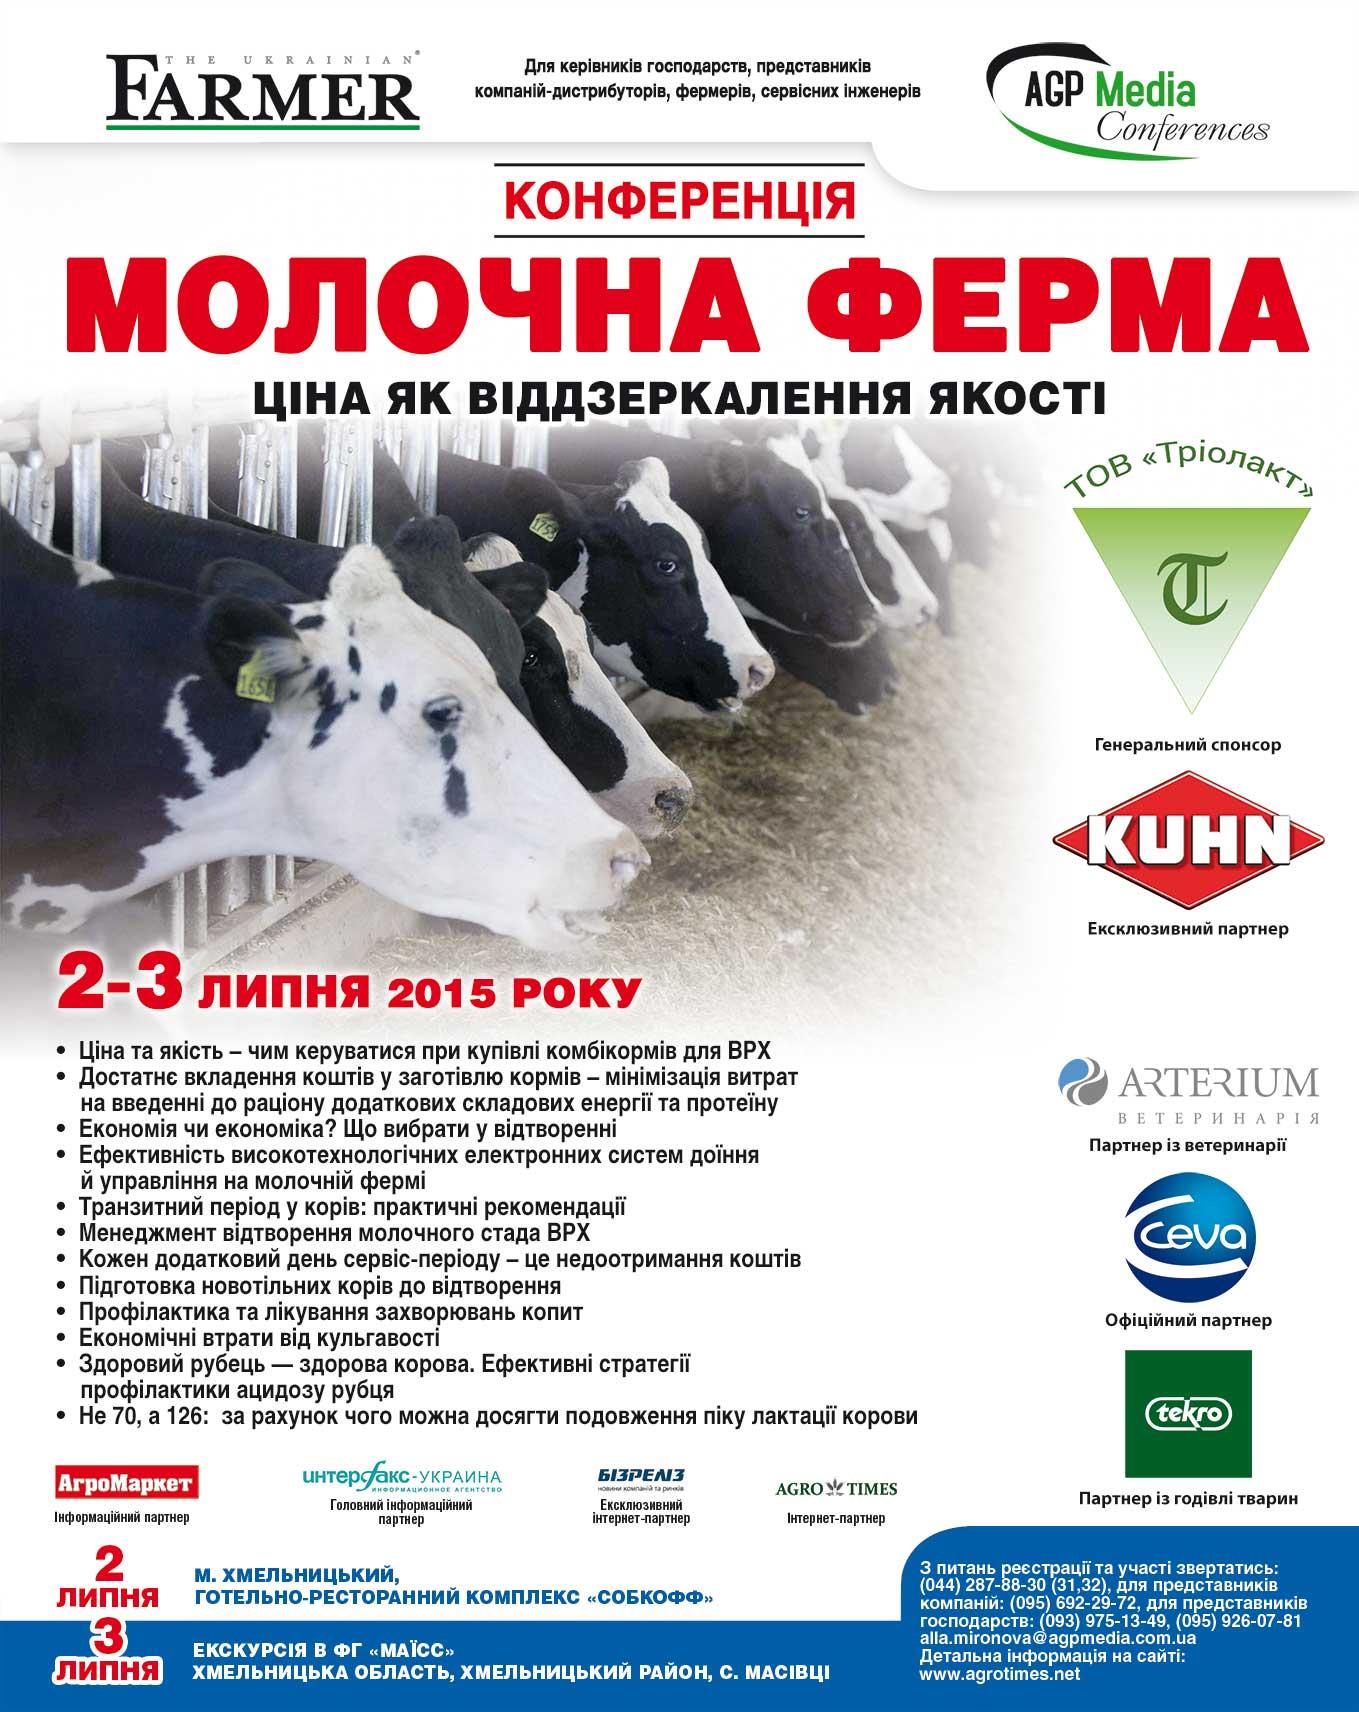 Конференція «Молочна  ферма. Ціна як віддзеркалення якості»